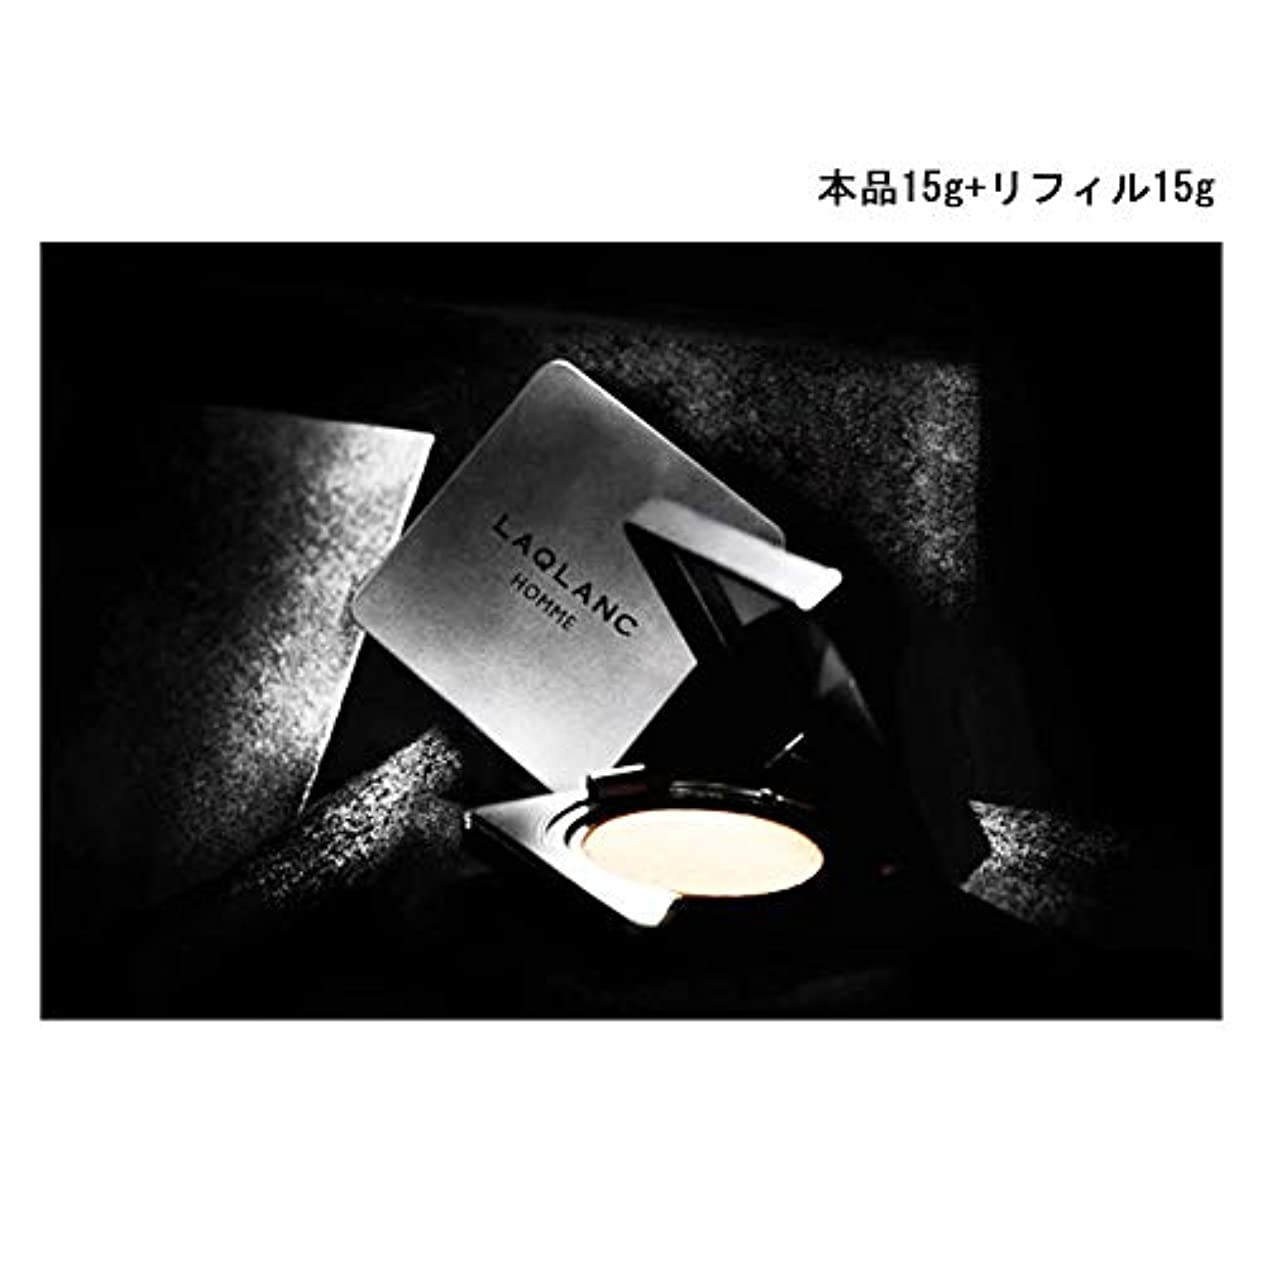 招待寄生虫コンテスト(Laqlanc)大人気 10秒完成 ナチュラル 肌色アップ 紫外線遮断 ホワイトニング 男性 エアクッション 15g +リフィル 15g [海外配送品] [並行輸入品]